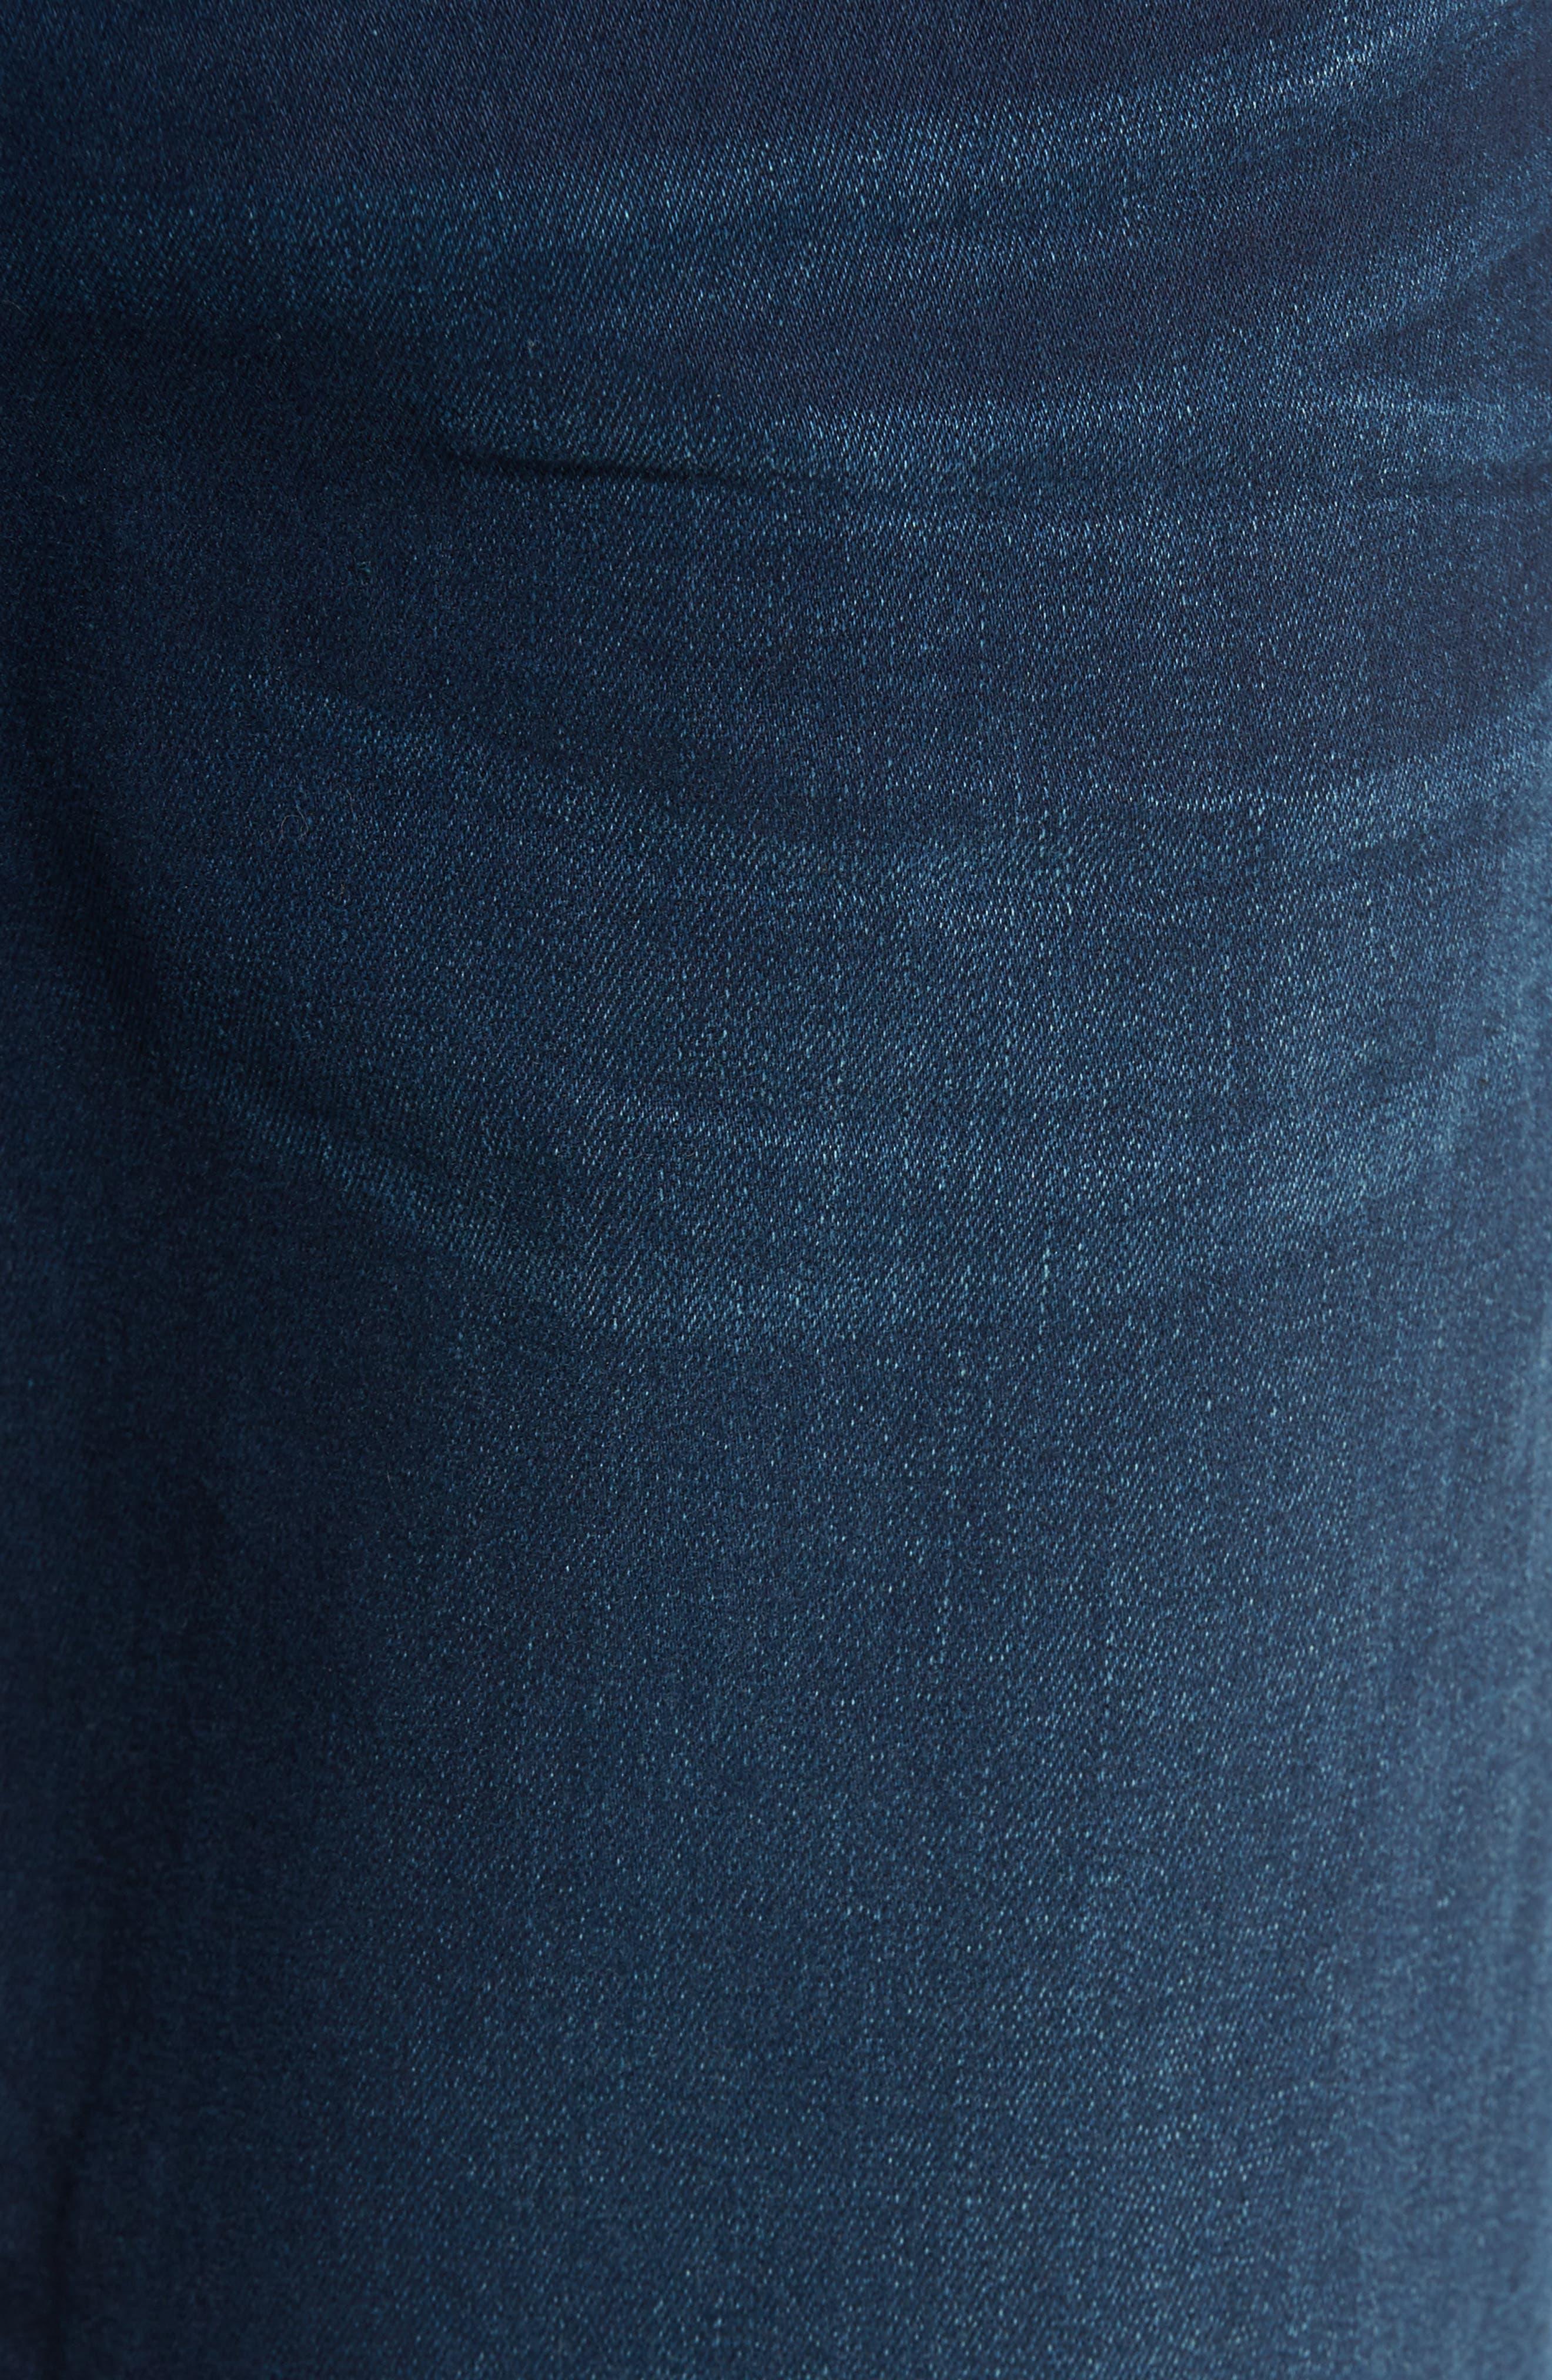 Jake Slim Fit Jeans,                             Alternate thumbnail 5, color,                             Ink Brushed Williamsburg